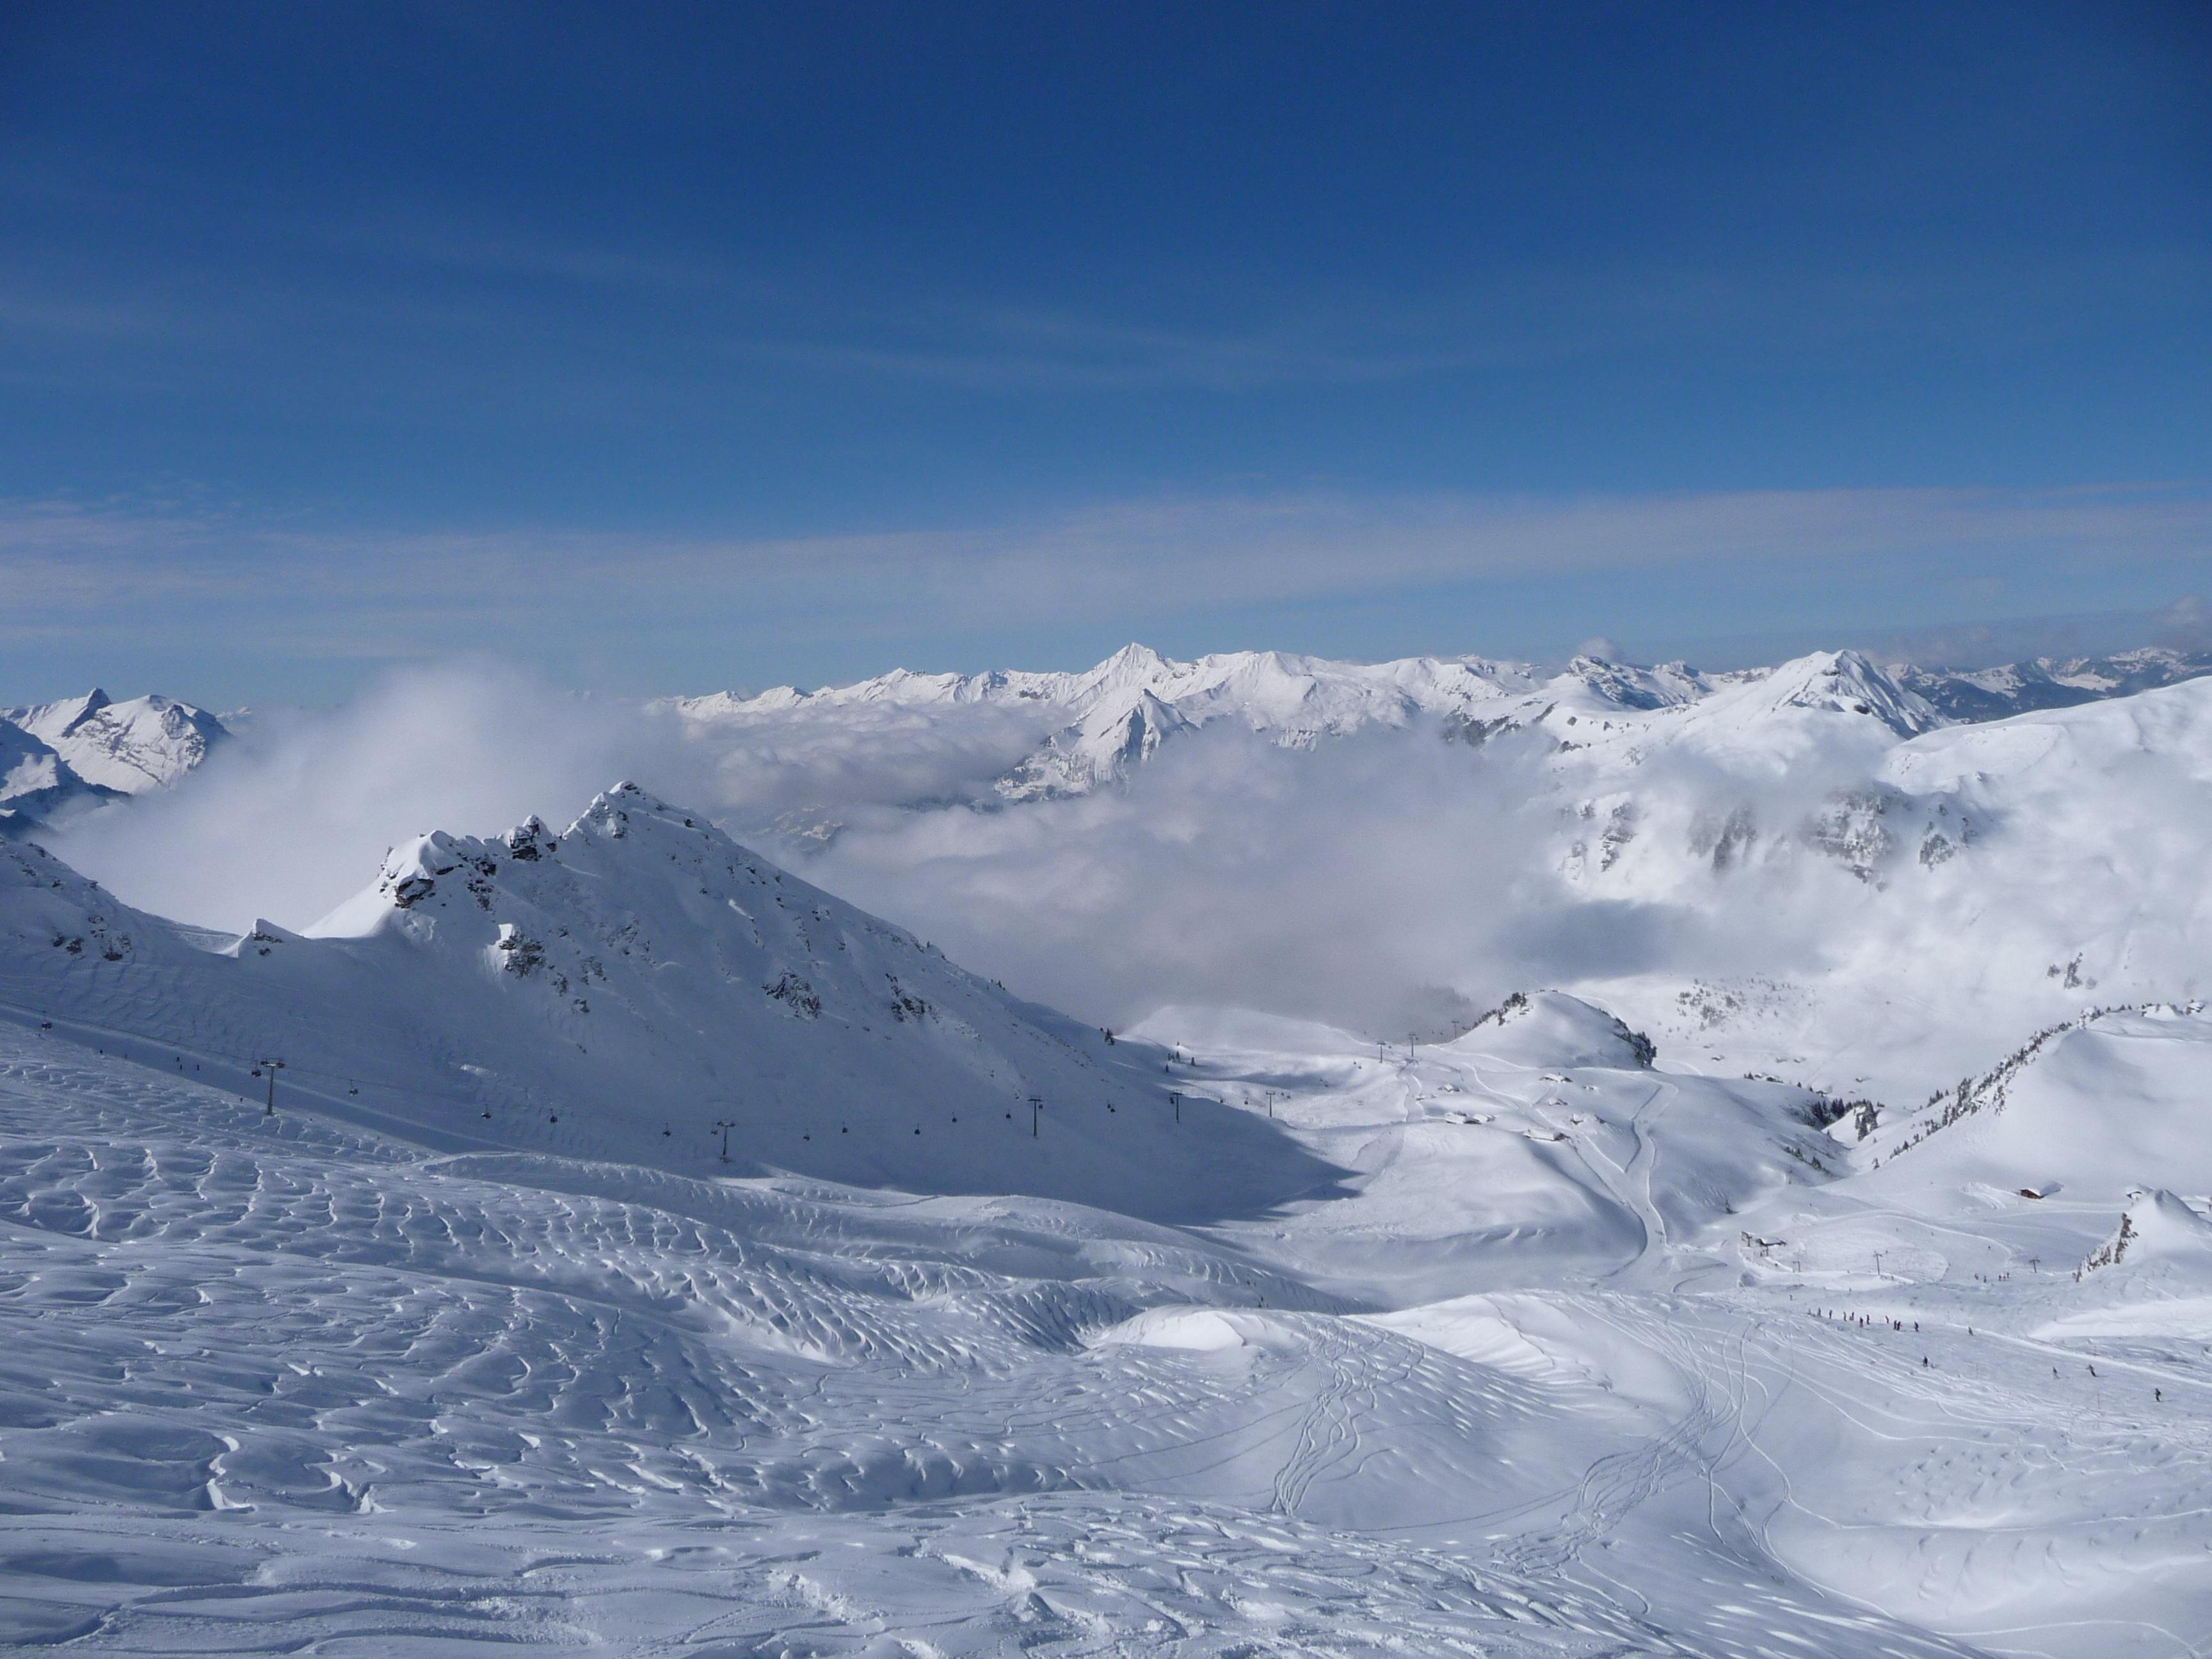 hình ảnh : phong cảnh, mùa đông, dãy núi, Thời tiết, Bắc cực, Trượt tuyết, Mùa, cây rơm, Thượng đỉnh, thiết bị thể thao, thể thao mùa đông, phương sách, ...